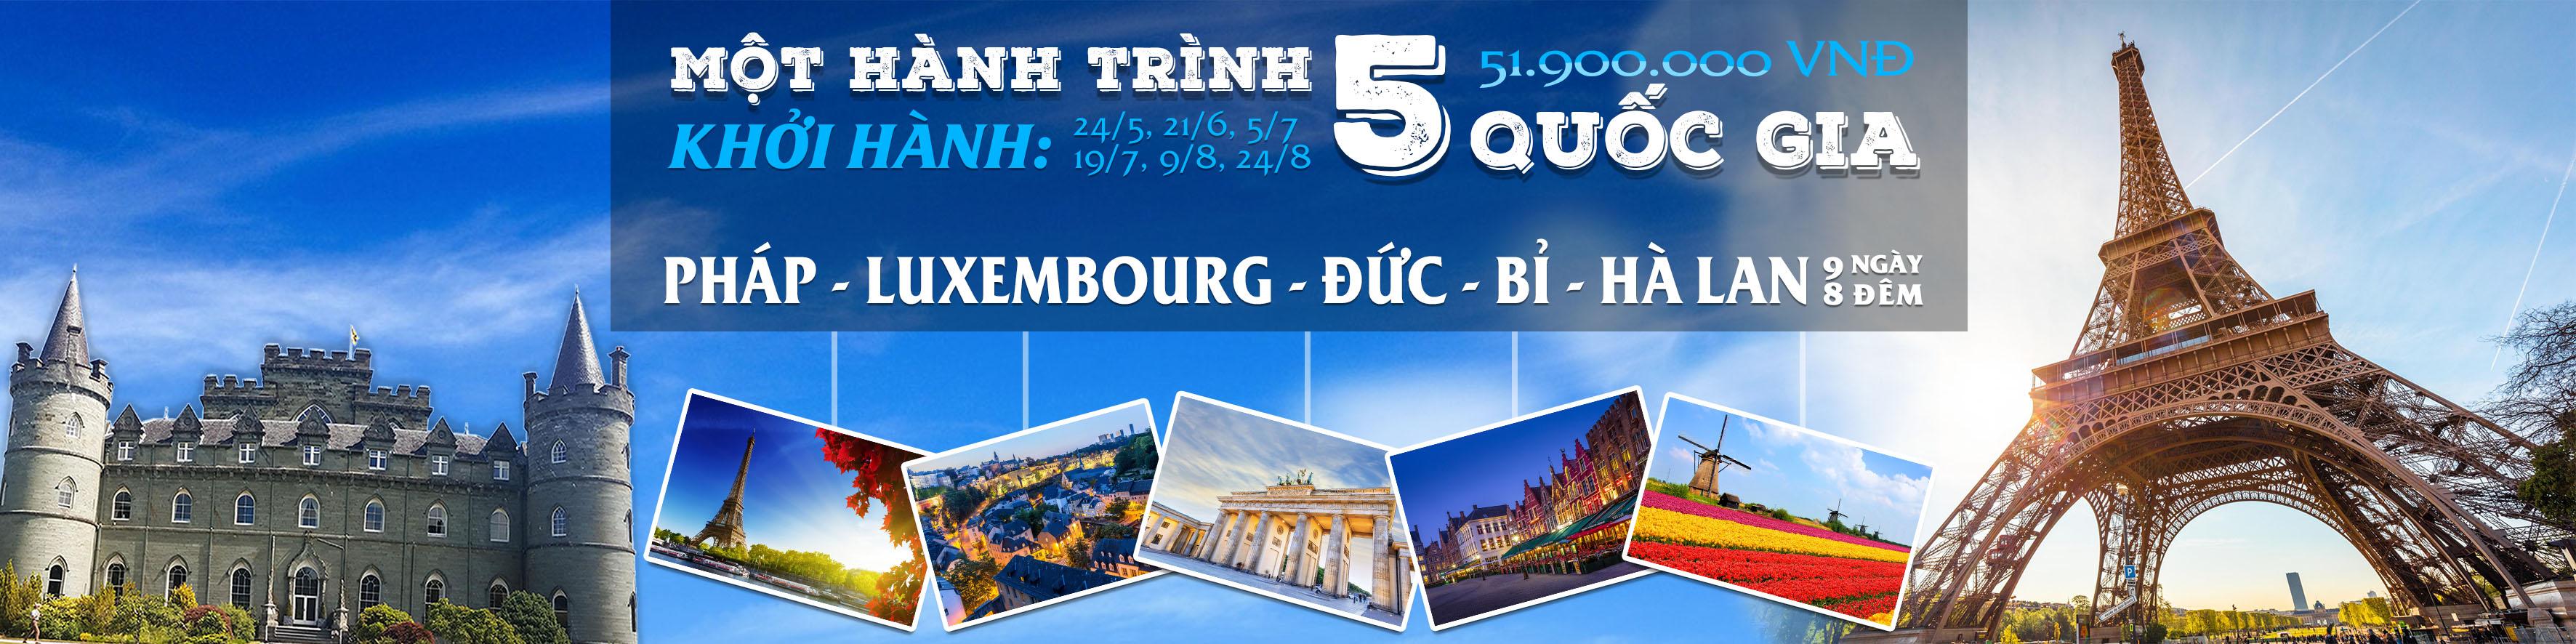 http://miendongduong.com/phap-luxembourg-duc-bi-ha-lan